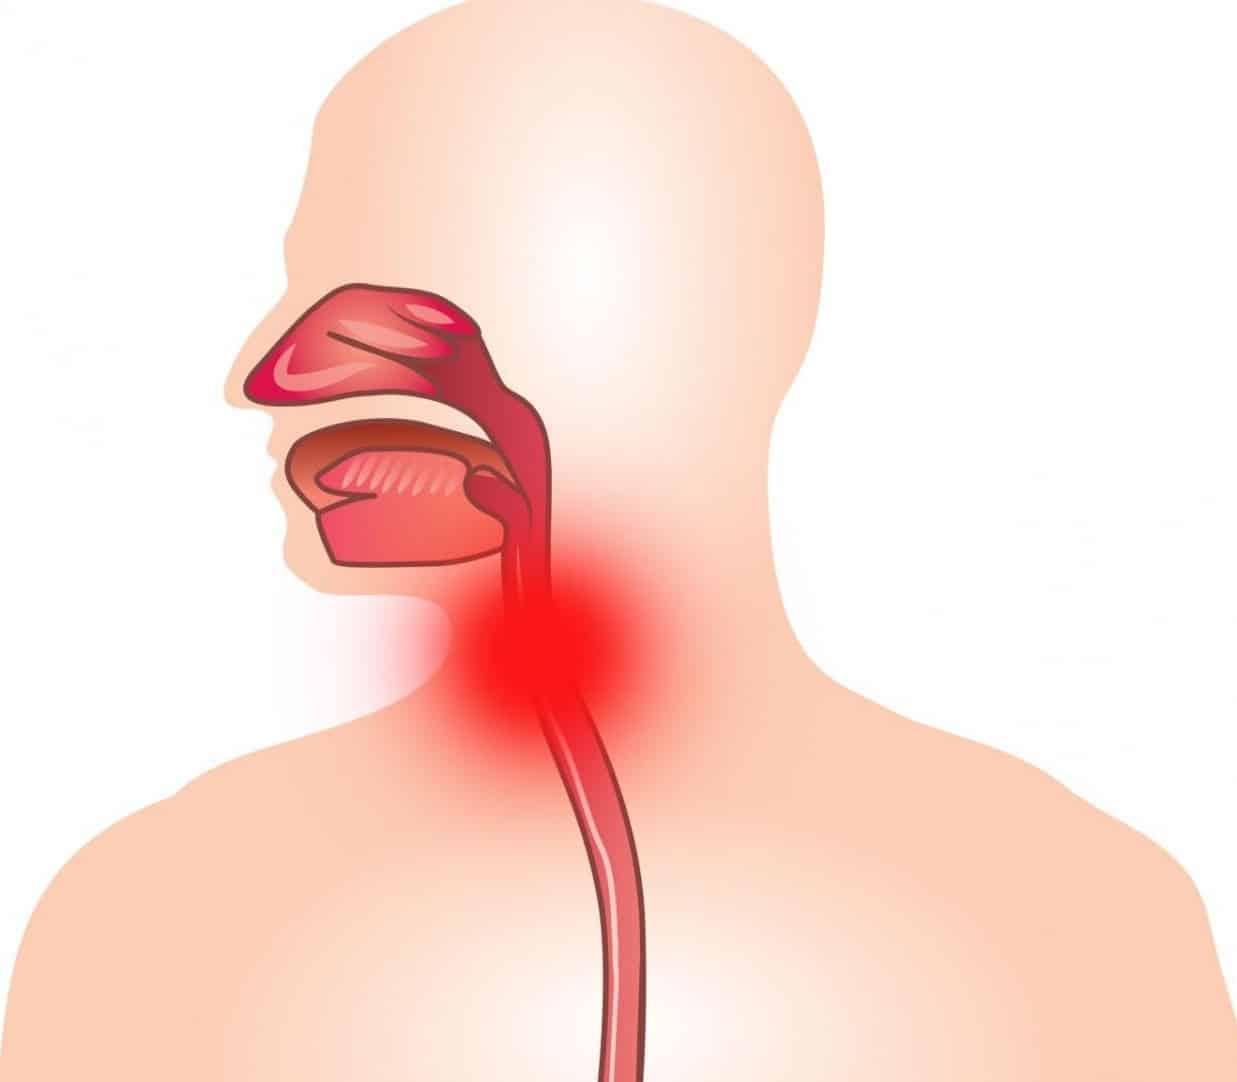 Фаринготрахеит – причины, симптомы, диагностика, методы лечения